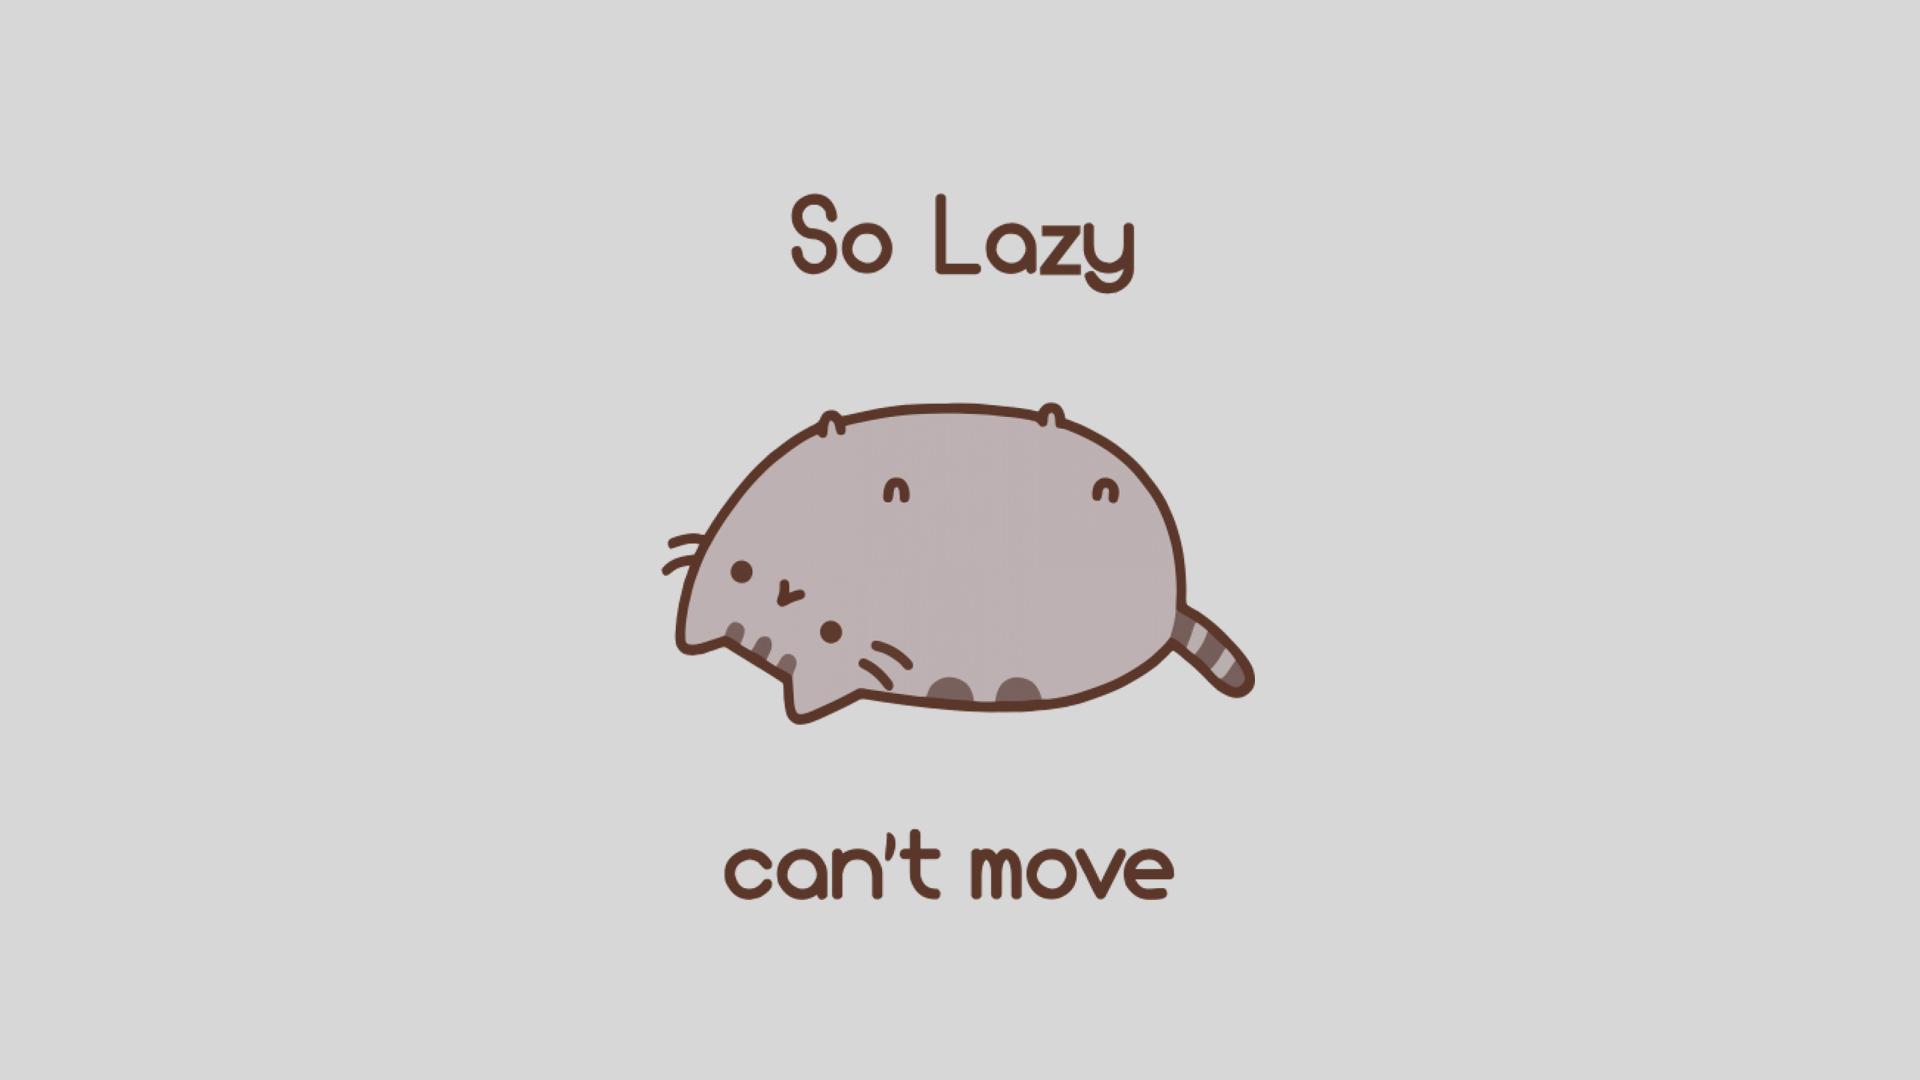 pusheen lazy cat memes